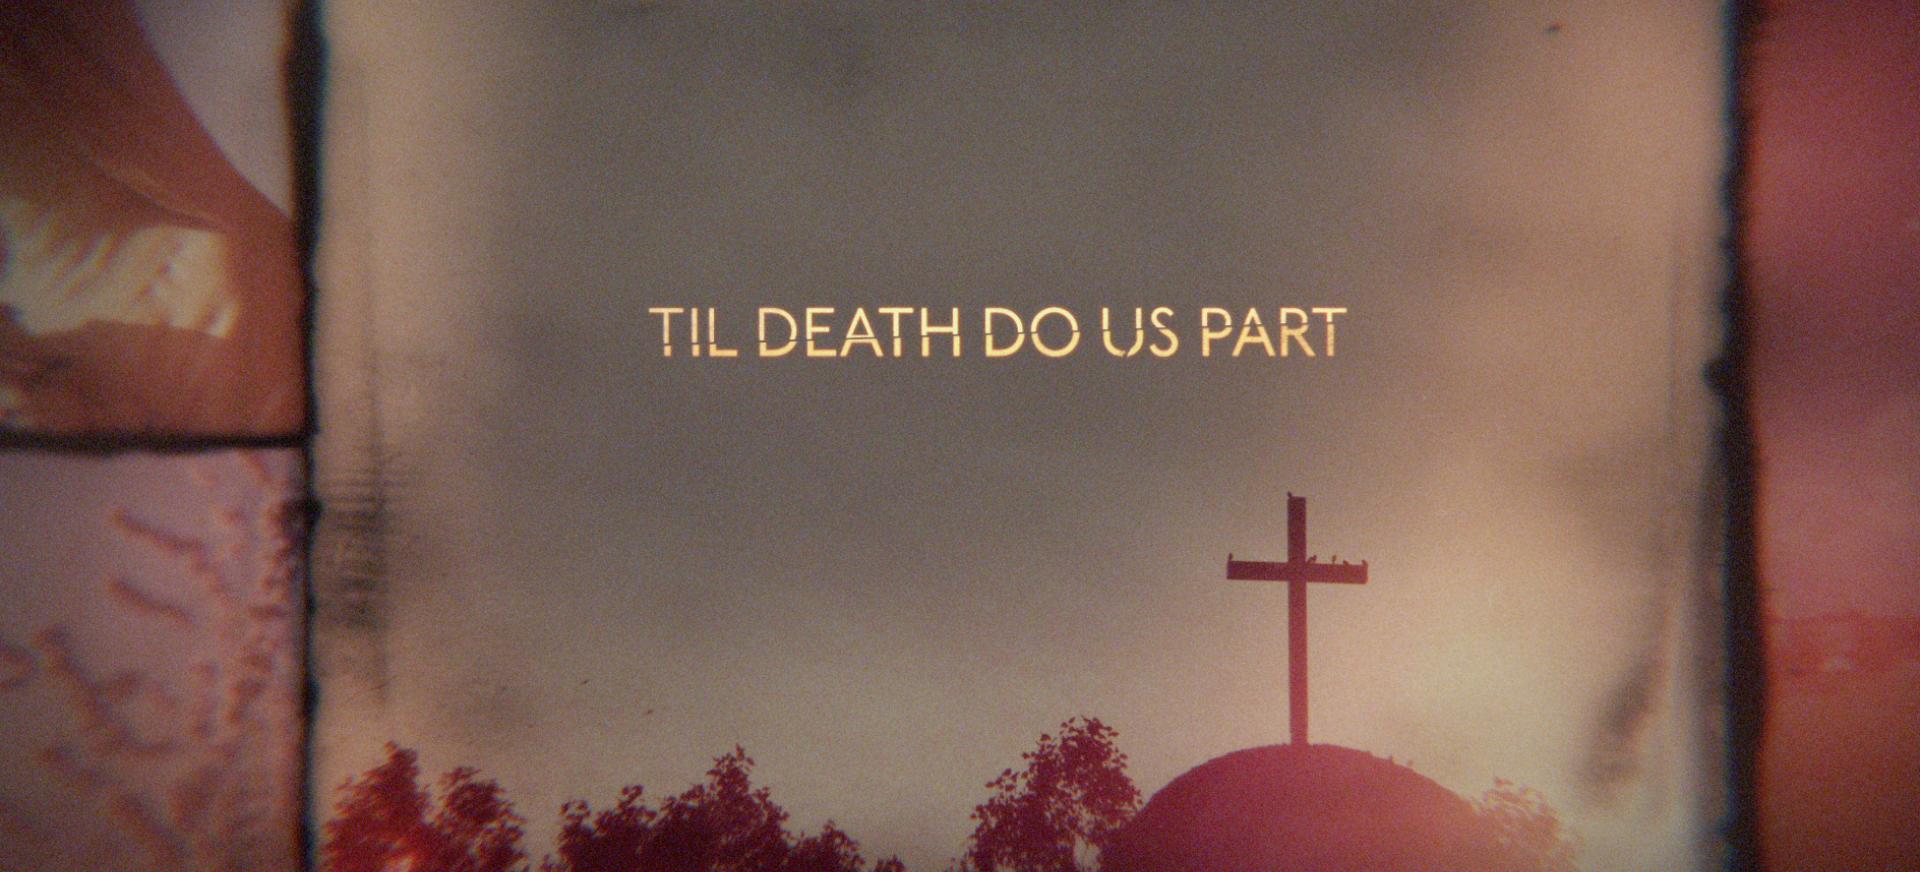 Til-Death-Title-only-1920x872 (1).png